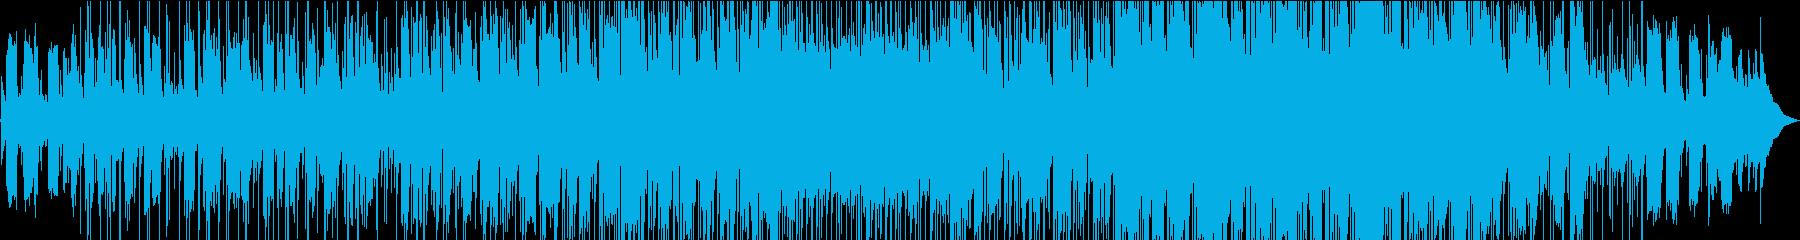 スローテンポの落ち着いたポップスの再生済みの波形